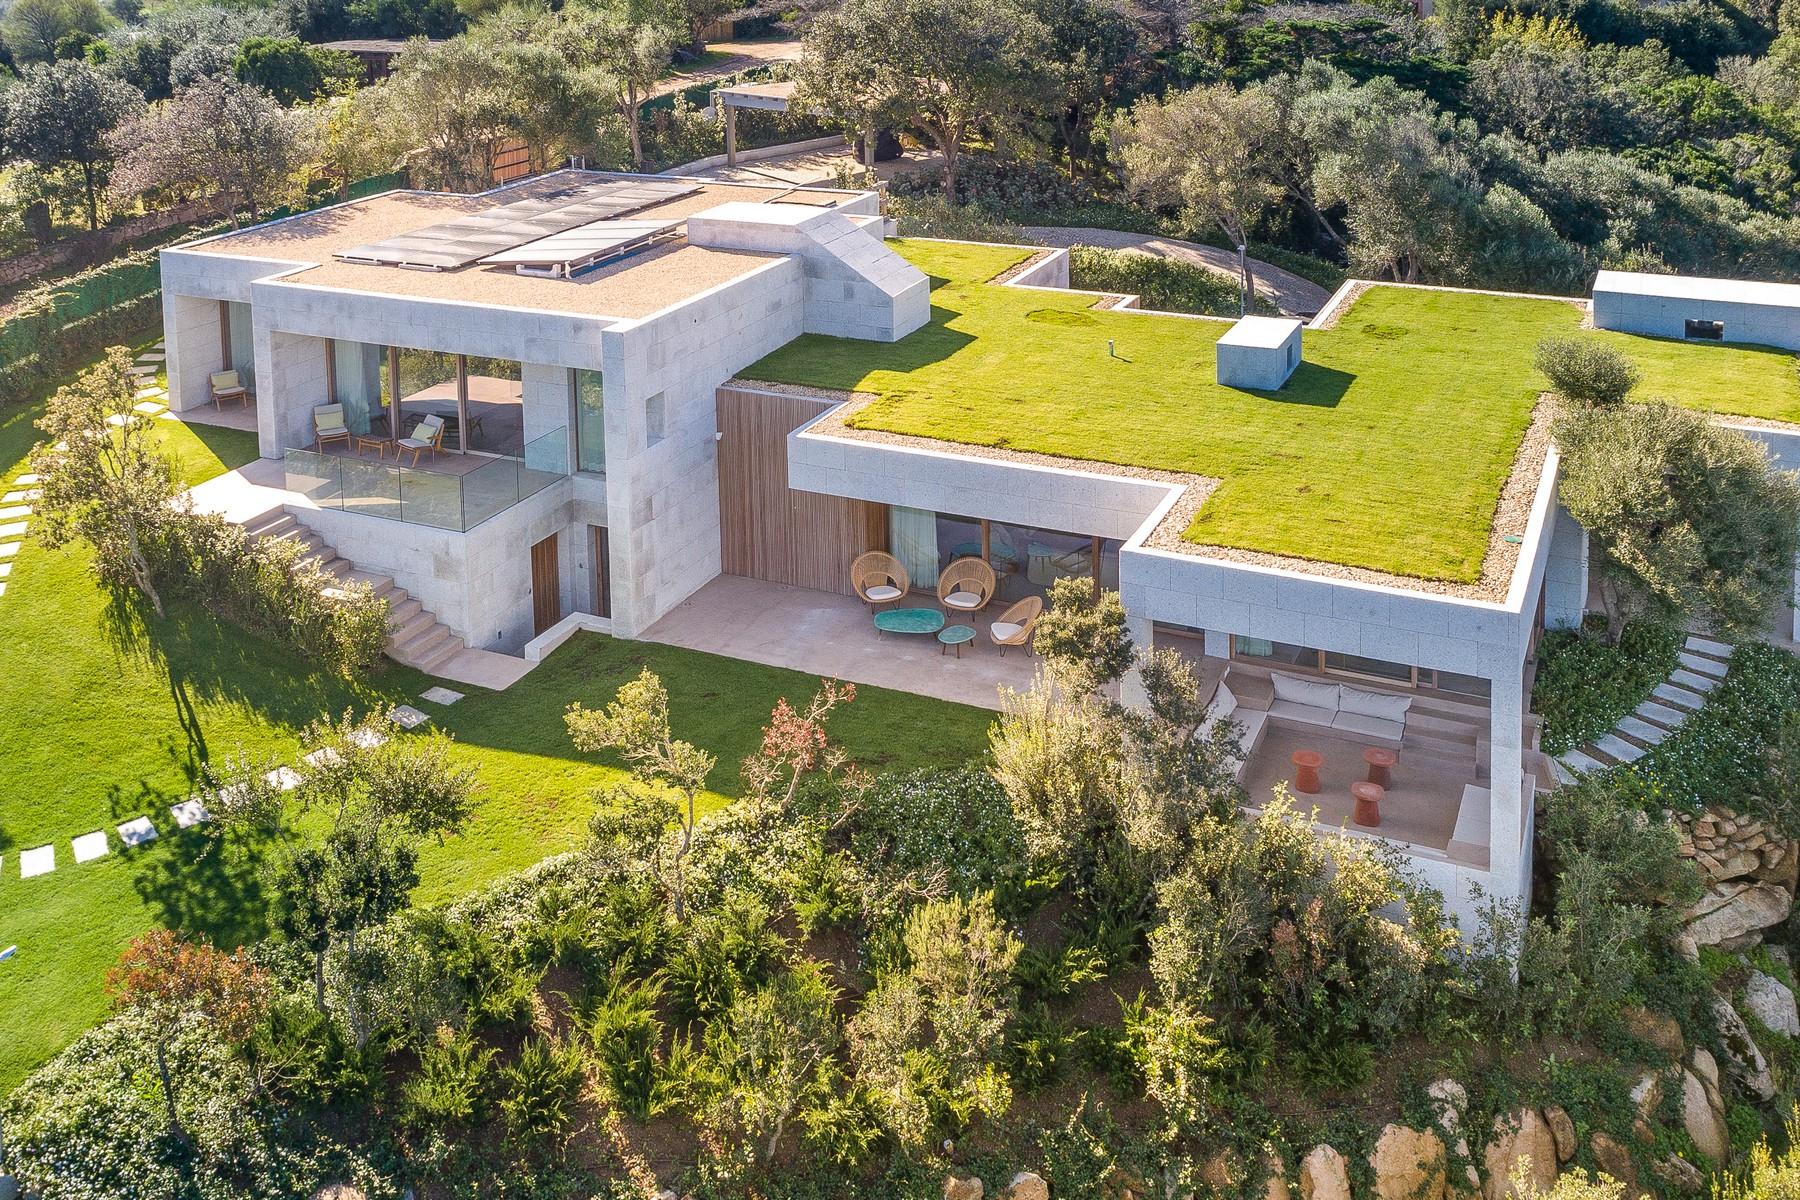 Villa in Vendita a Santa Teresa Gallura: 5 locali, 350 mq - Foto 2